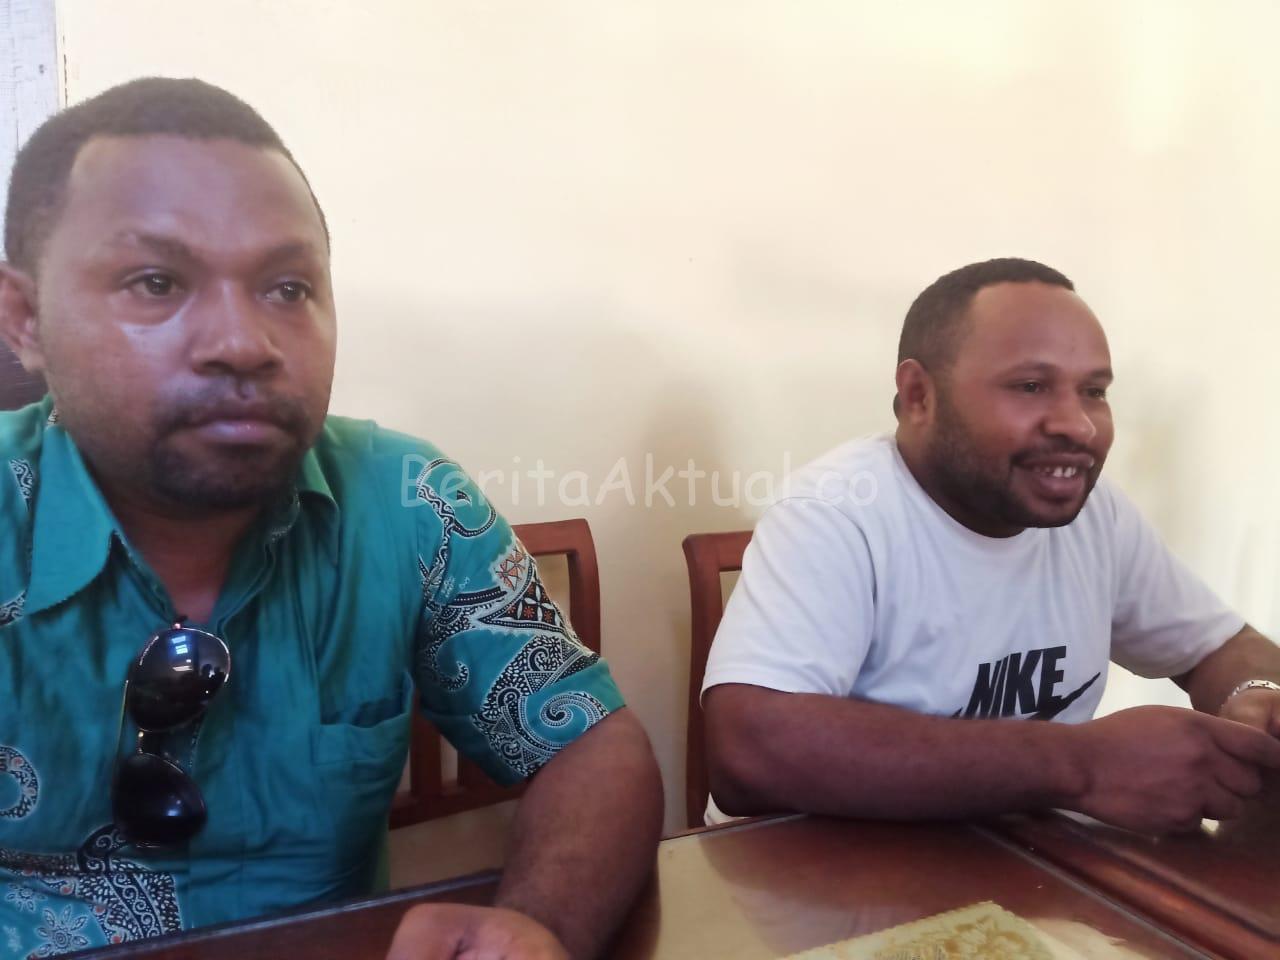 Pemuda Papua Barat: Jangan Kriminalisasikan Gubernur Kami 3 IMG 20200530 WA0071